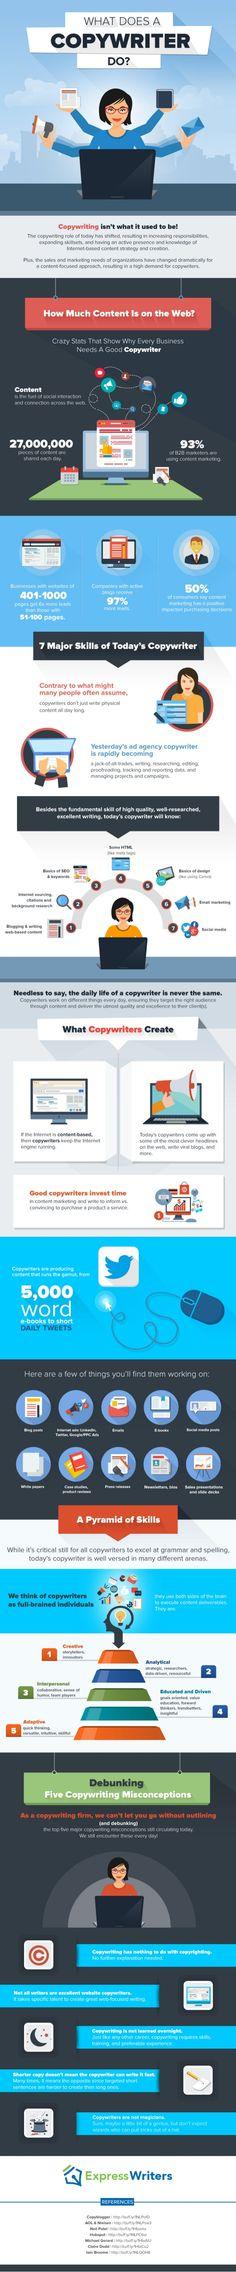 Qué hace un CopyWriter #infografia #infographic #marketing